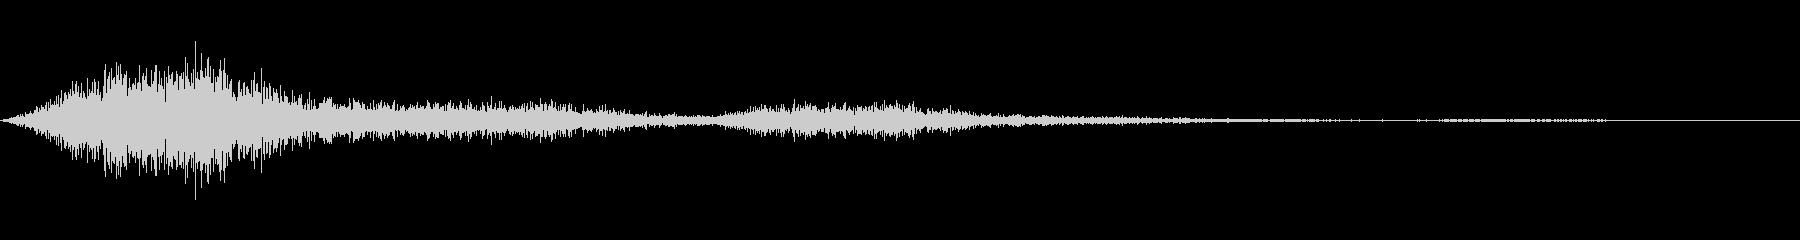 シュイン(ワープや詠唱開始音など)の未再生の波形